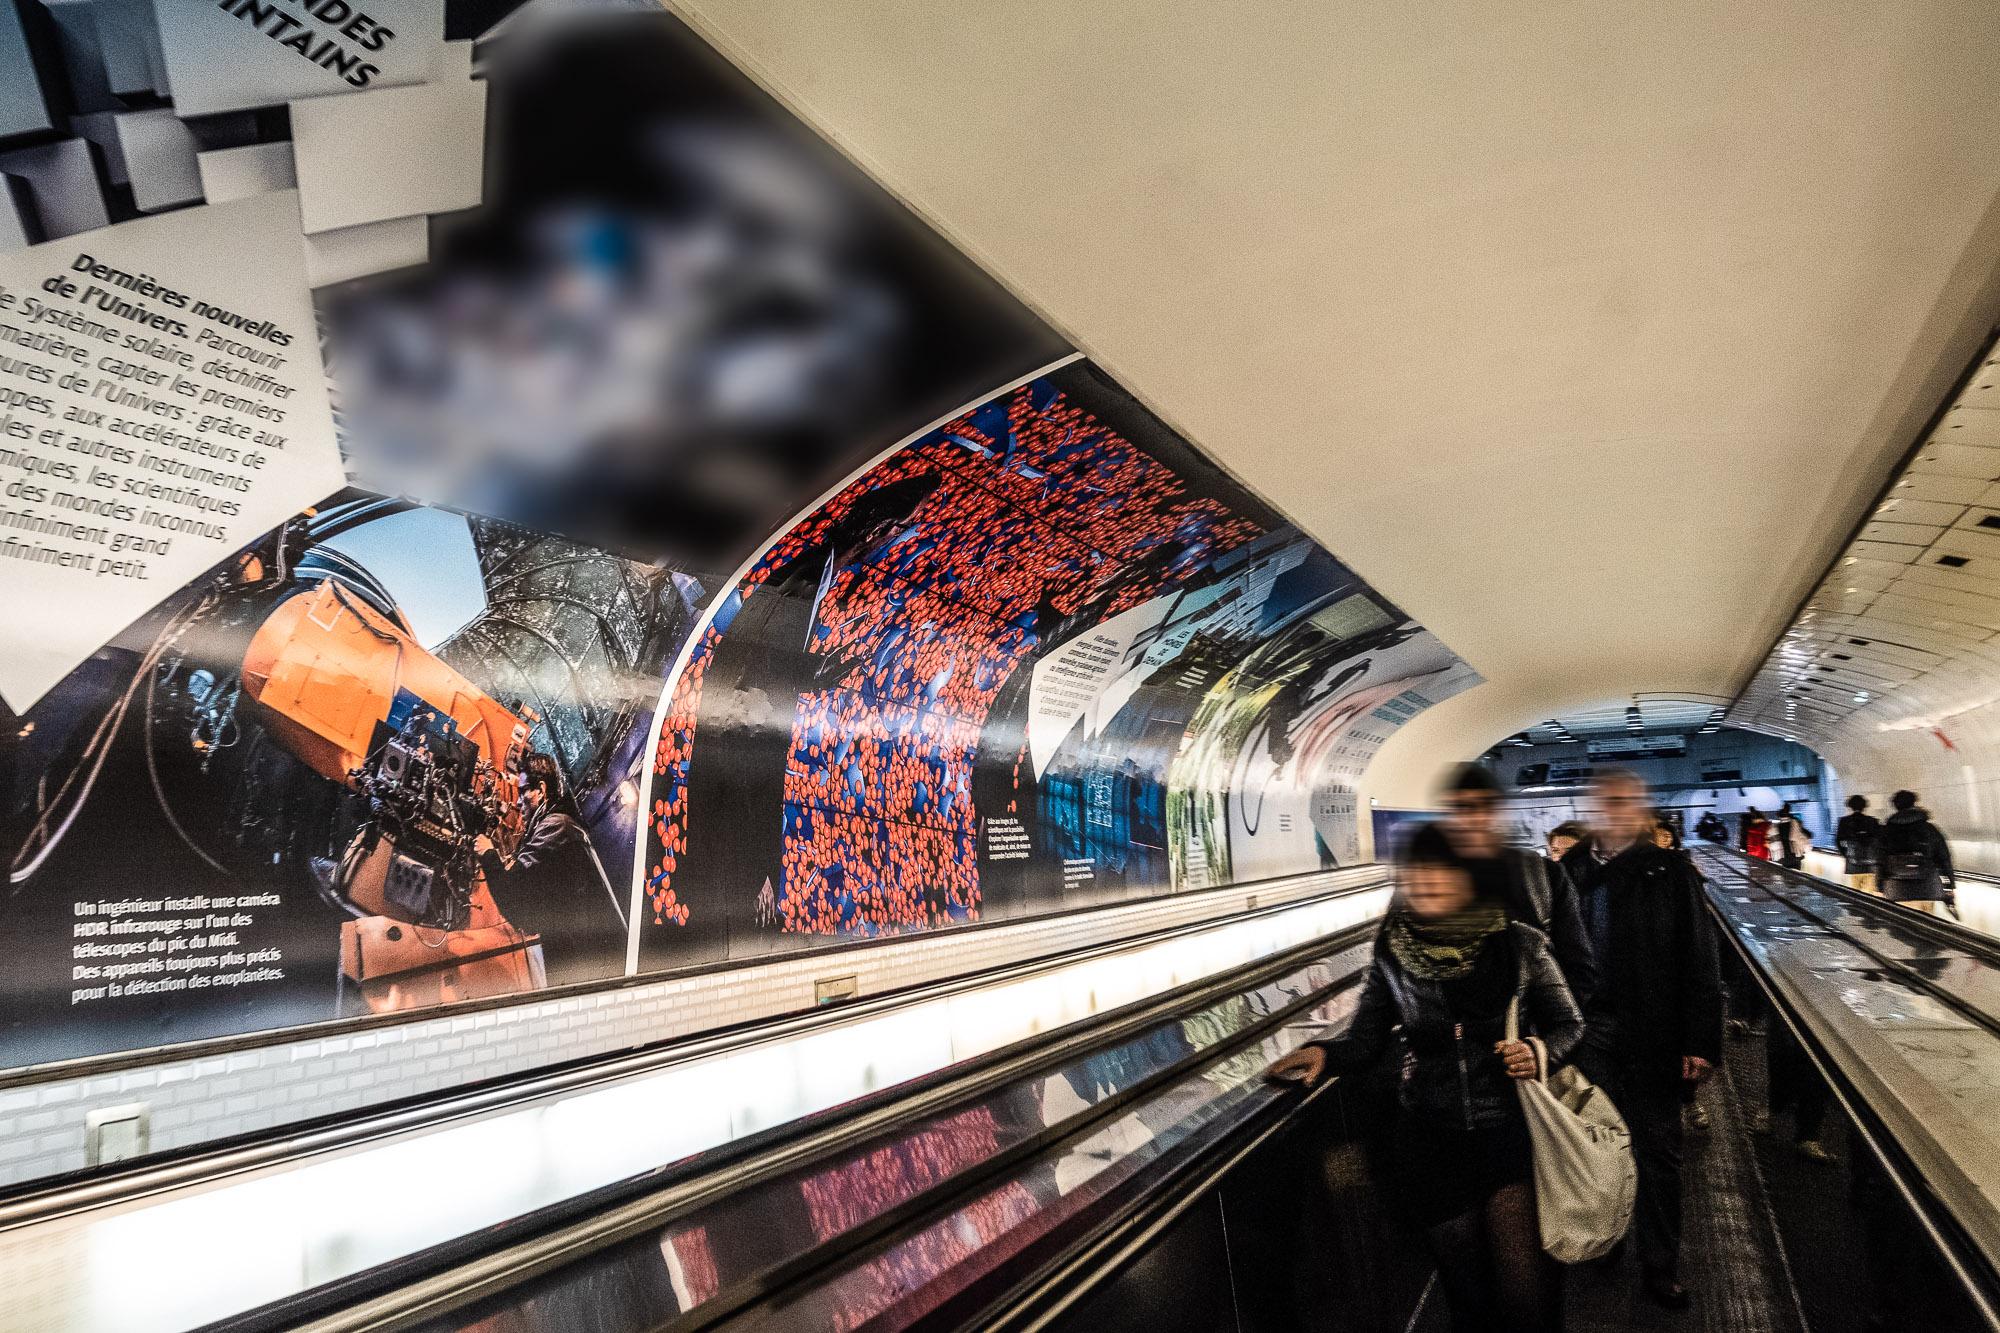 Exposition de photographies de scientifiques au travail au Métro Montparnasse Bienvenüe à l'occasion des 80 ans du CNRS  au Métro Montparnasse Bienvenüe à l'occasion des 80 ans du CNRS